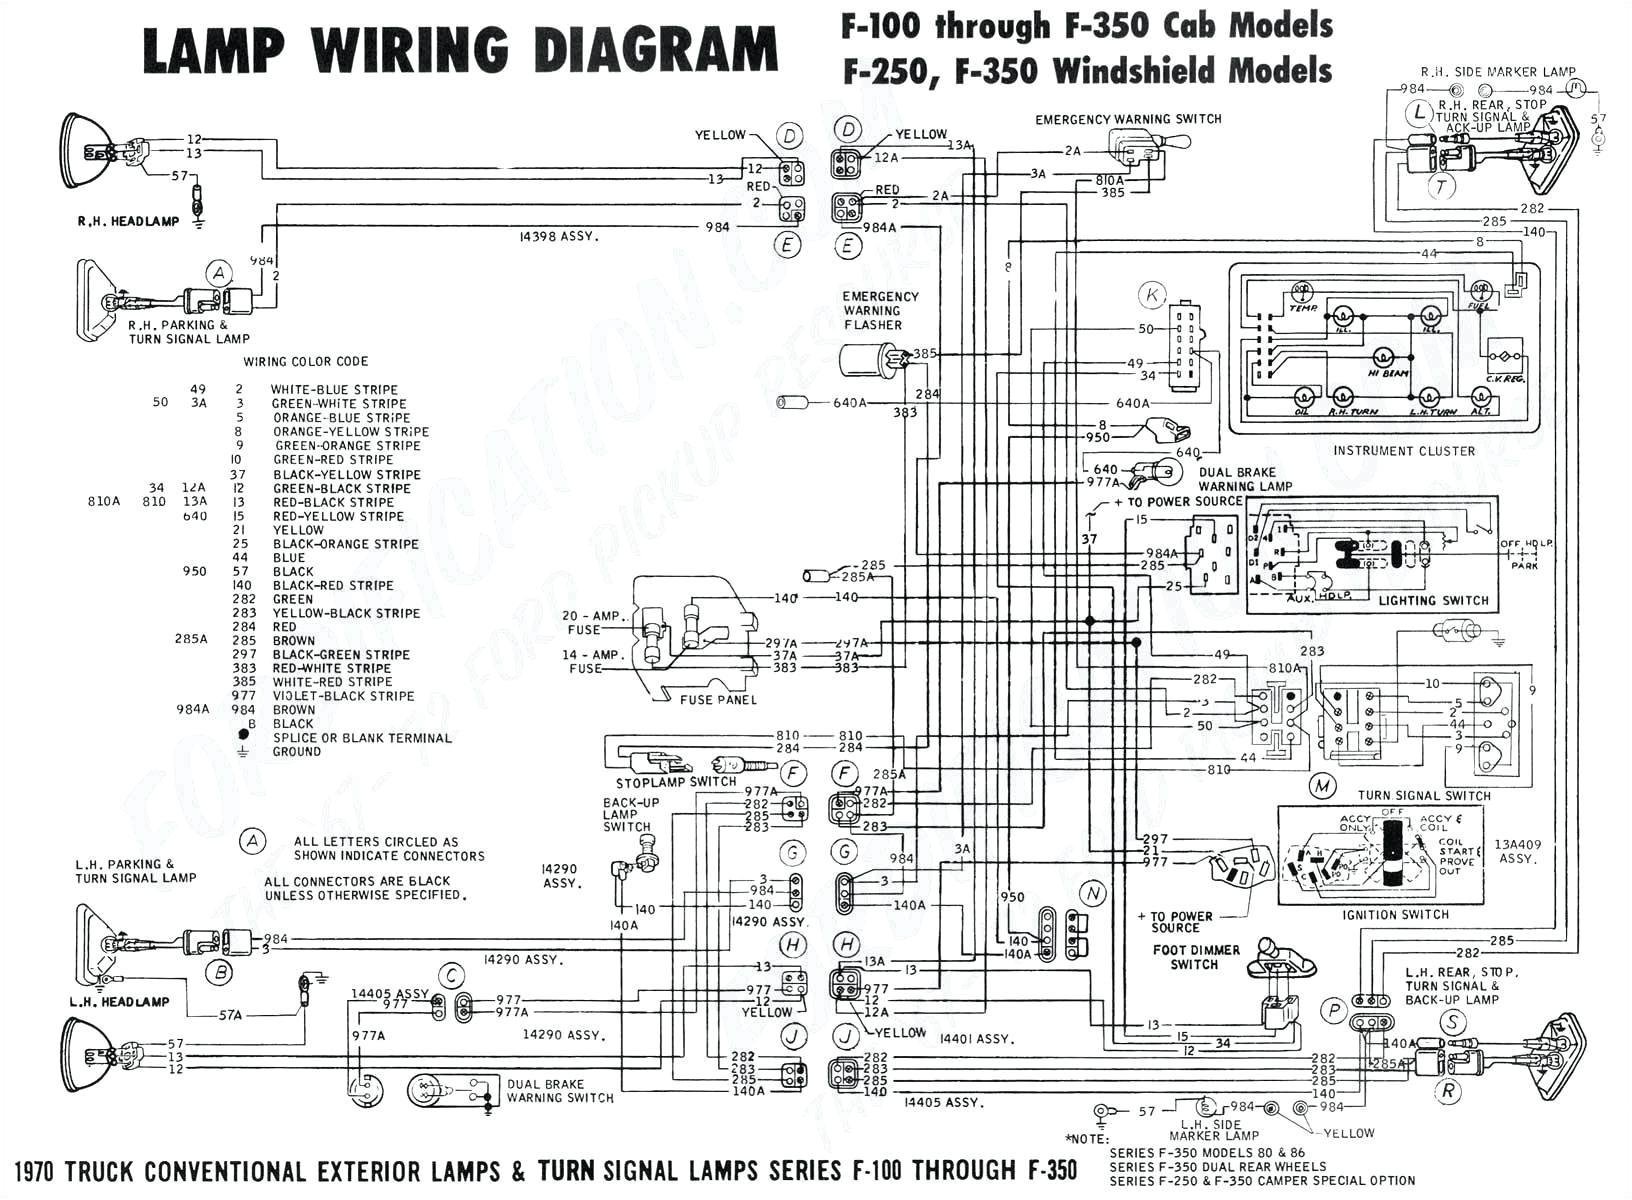 2010 Mitsubishi Lancer Radio Wiring Diagram 092aed Mitsubishi Galant Vr6 Wiring Diagram Wiring Library